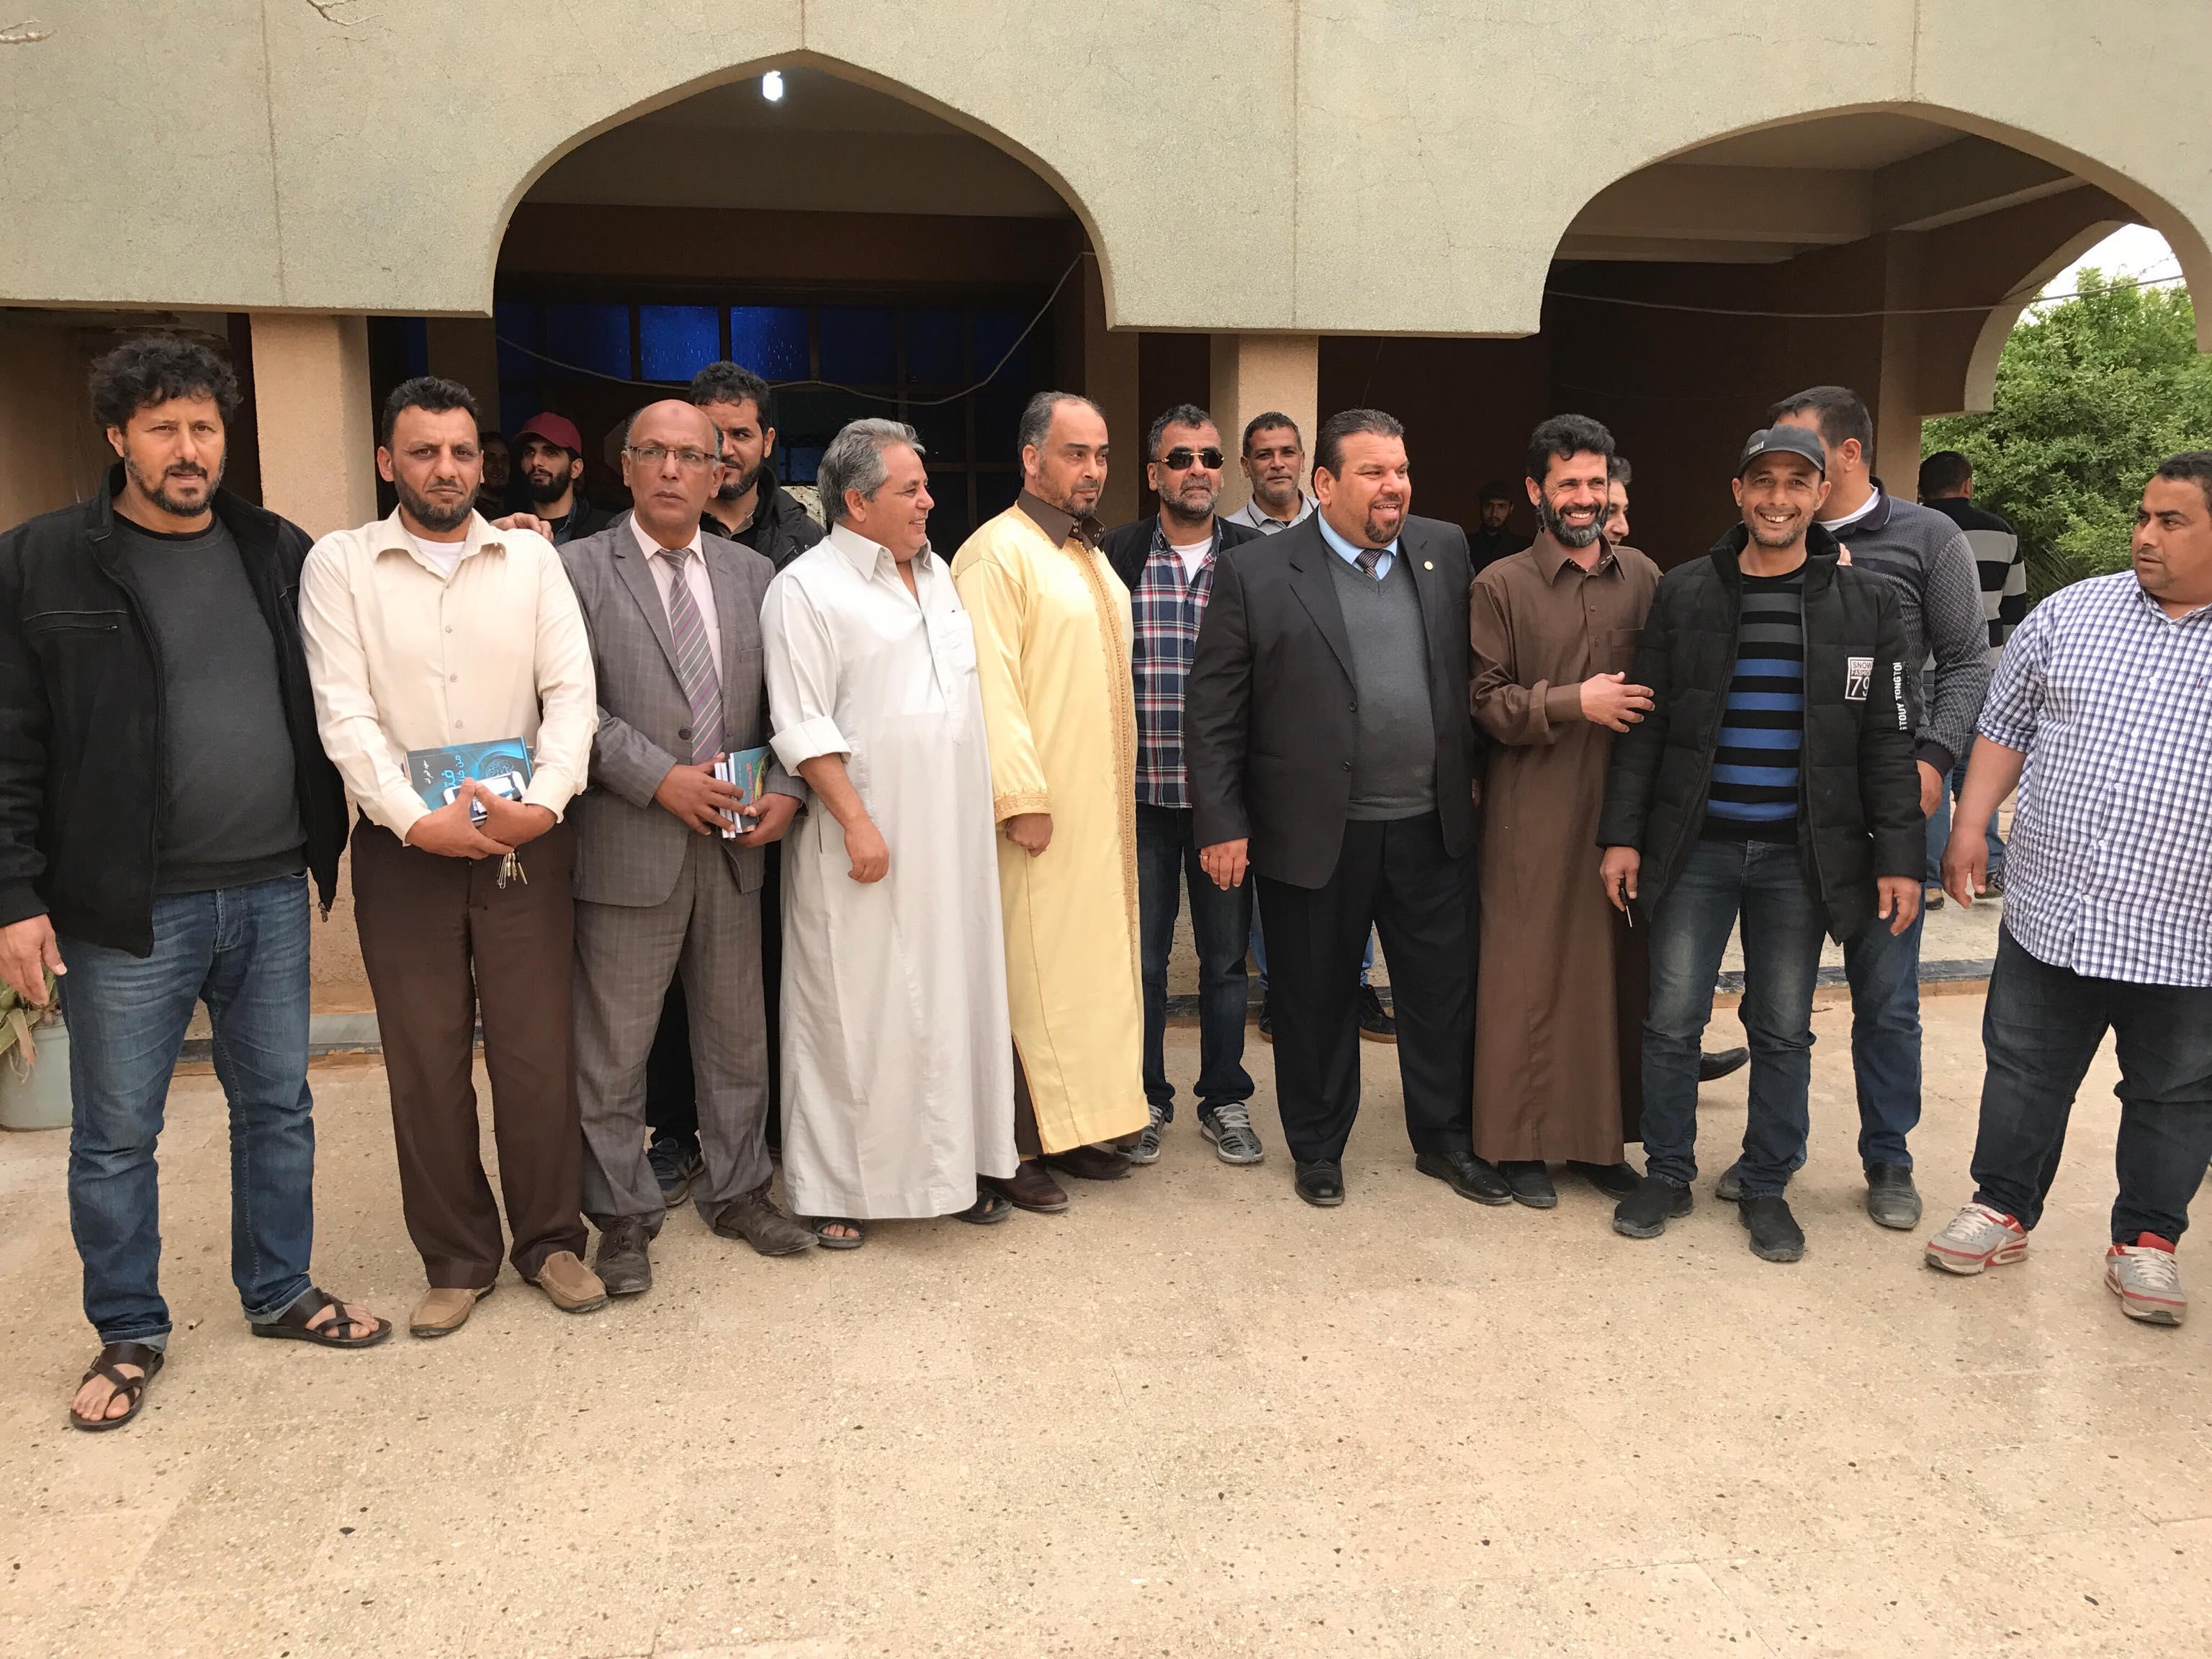 حسن ونيس أثاء زيارته لتقديم التعازي لأسرة الكاتب الراحل سعيد خير الله صالح